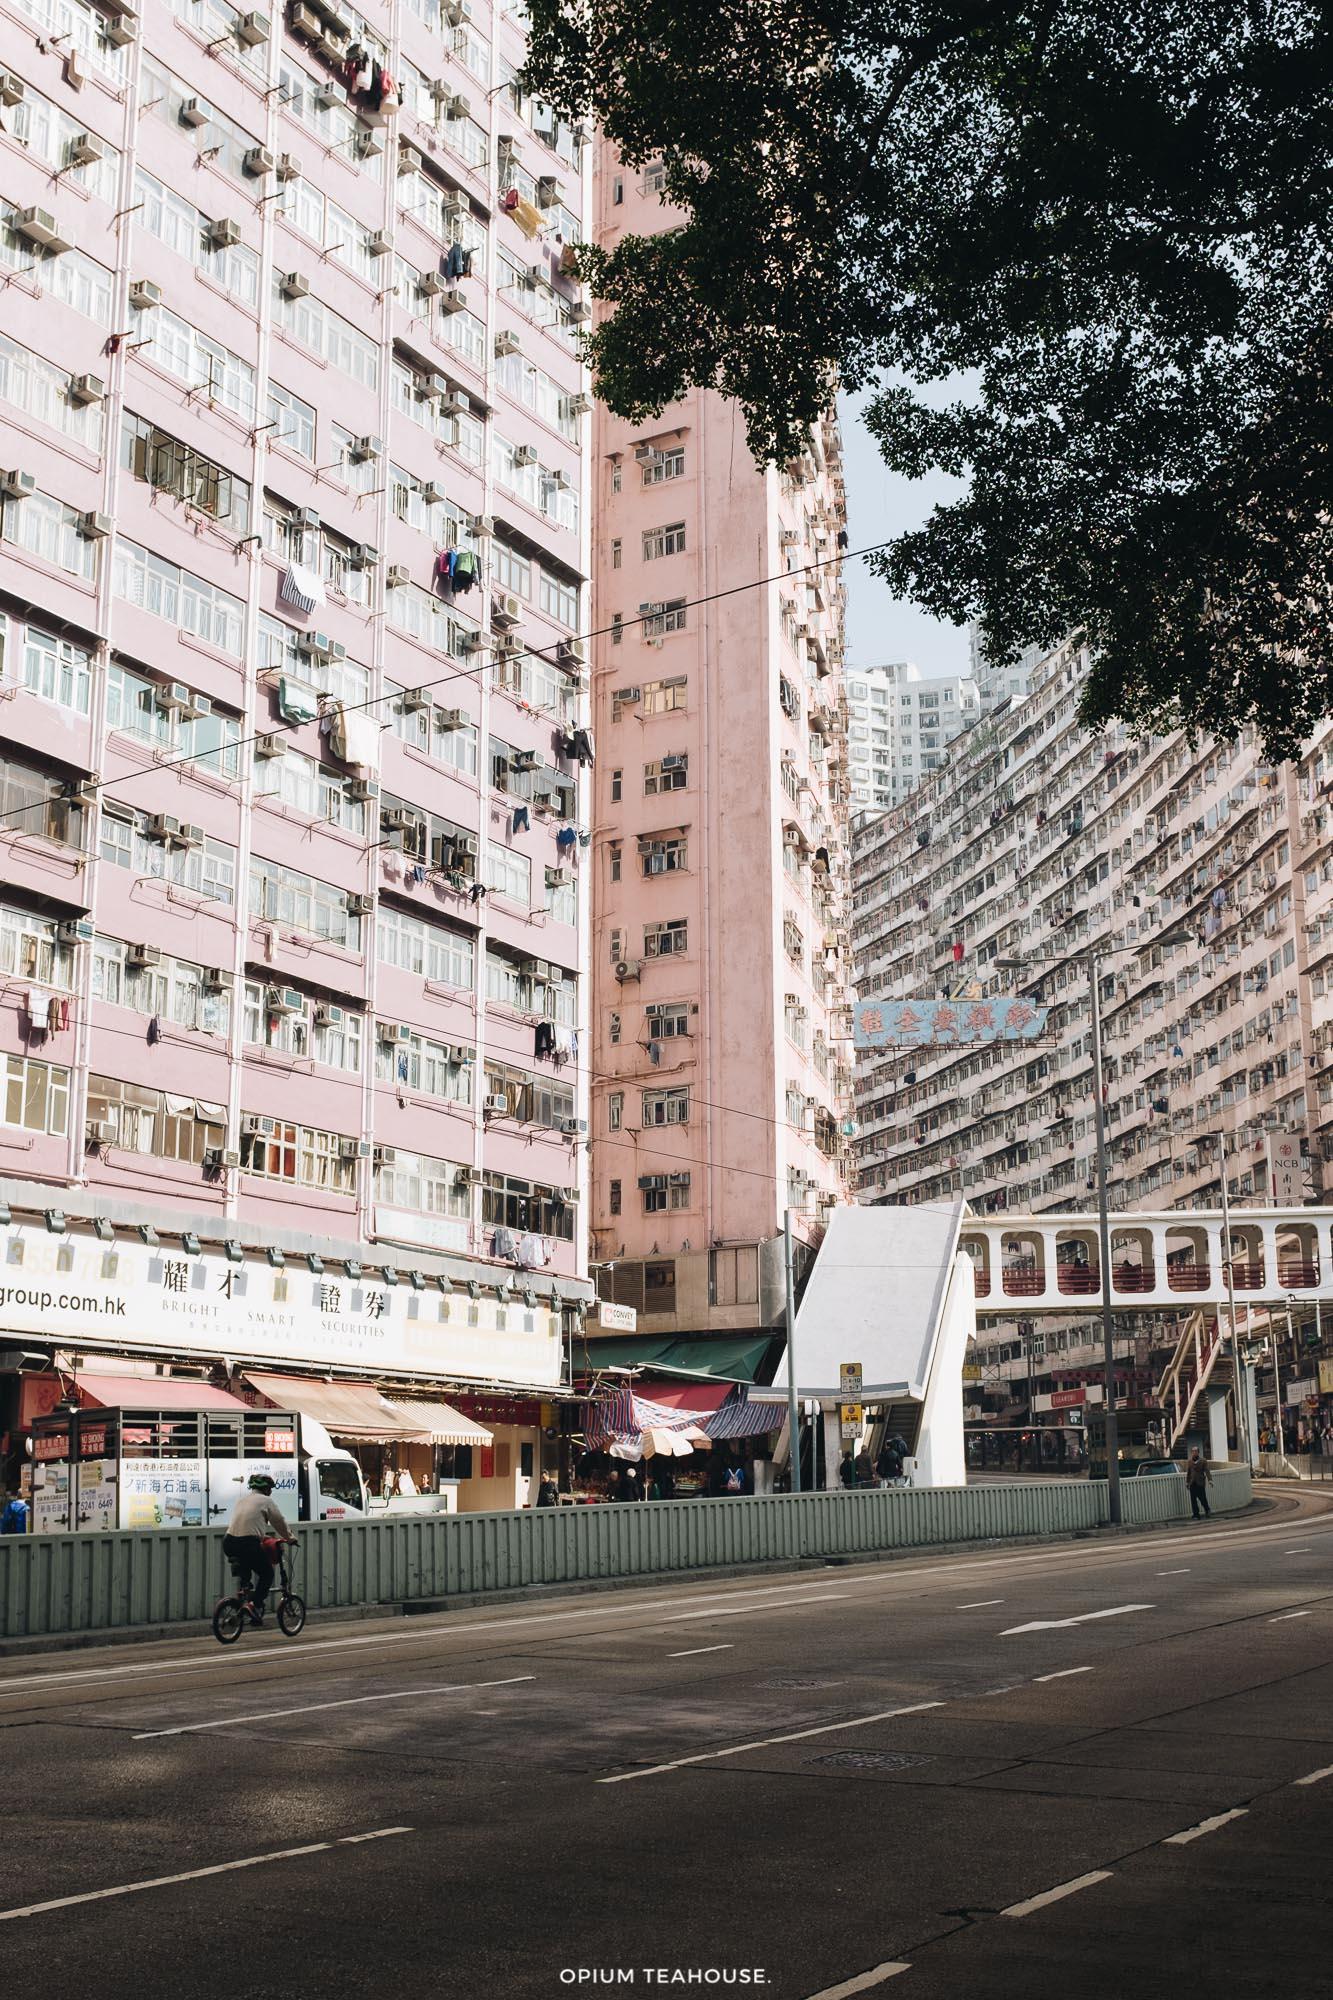 OTH_8931_2017, Hong Kong, Montane Mansion Estate.jpg